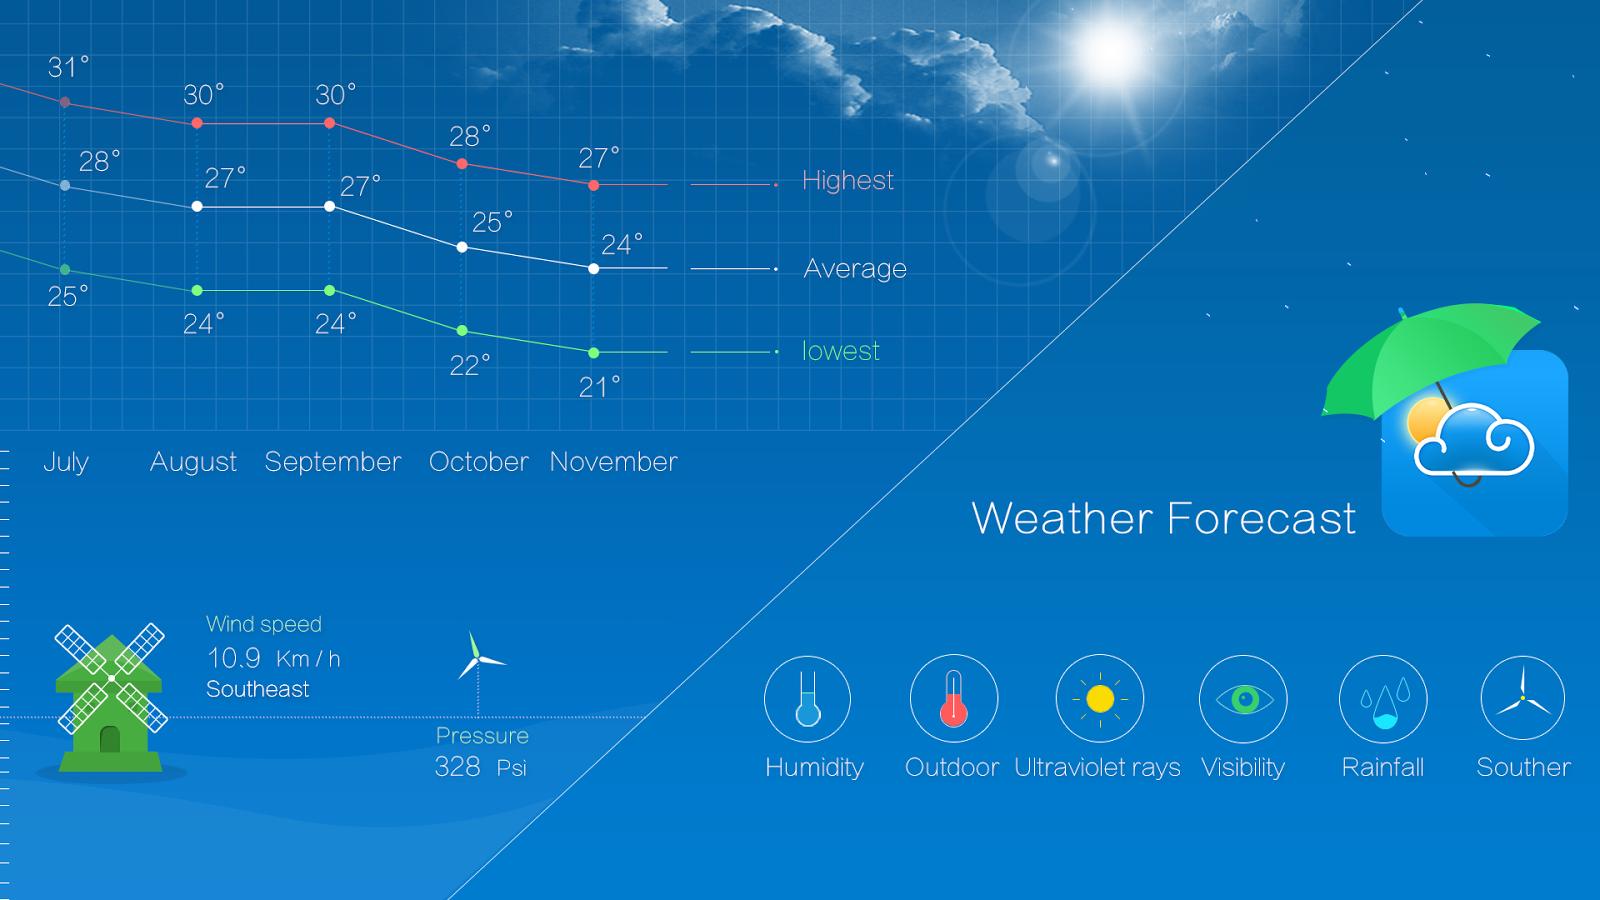 Прогноз погоды как картинка рабочего стола